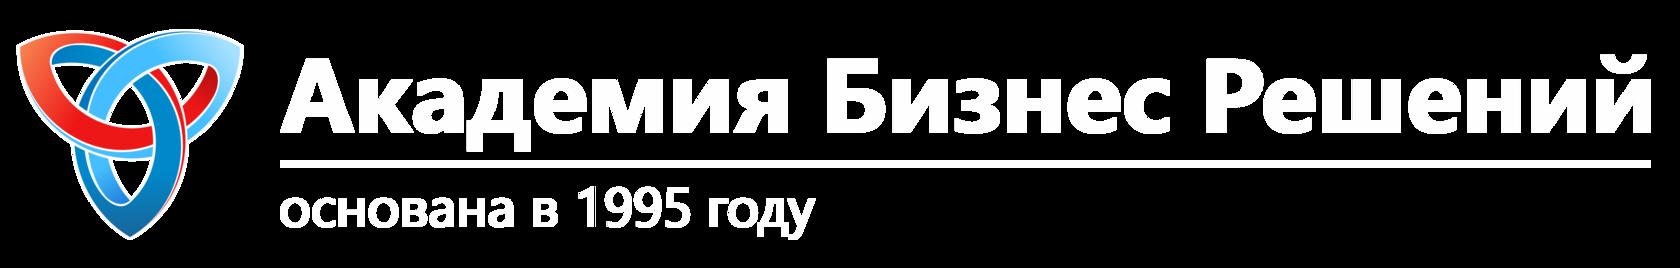 Академия Бизнес Решений